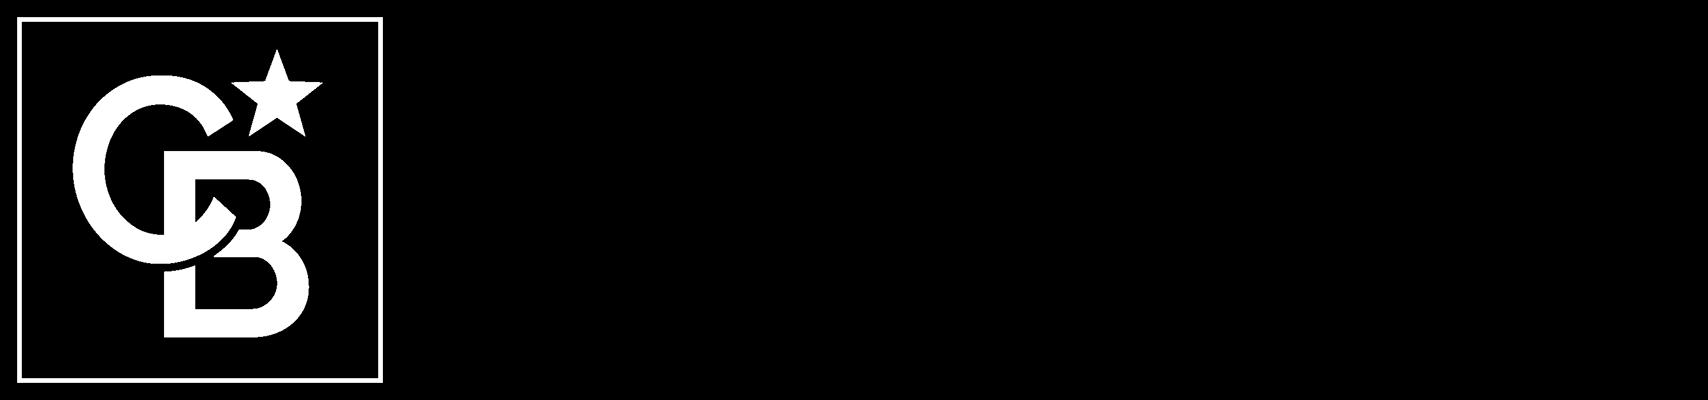 cbc07 Logo